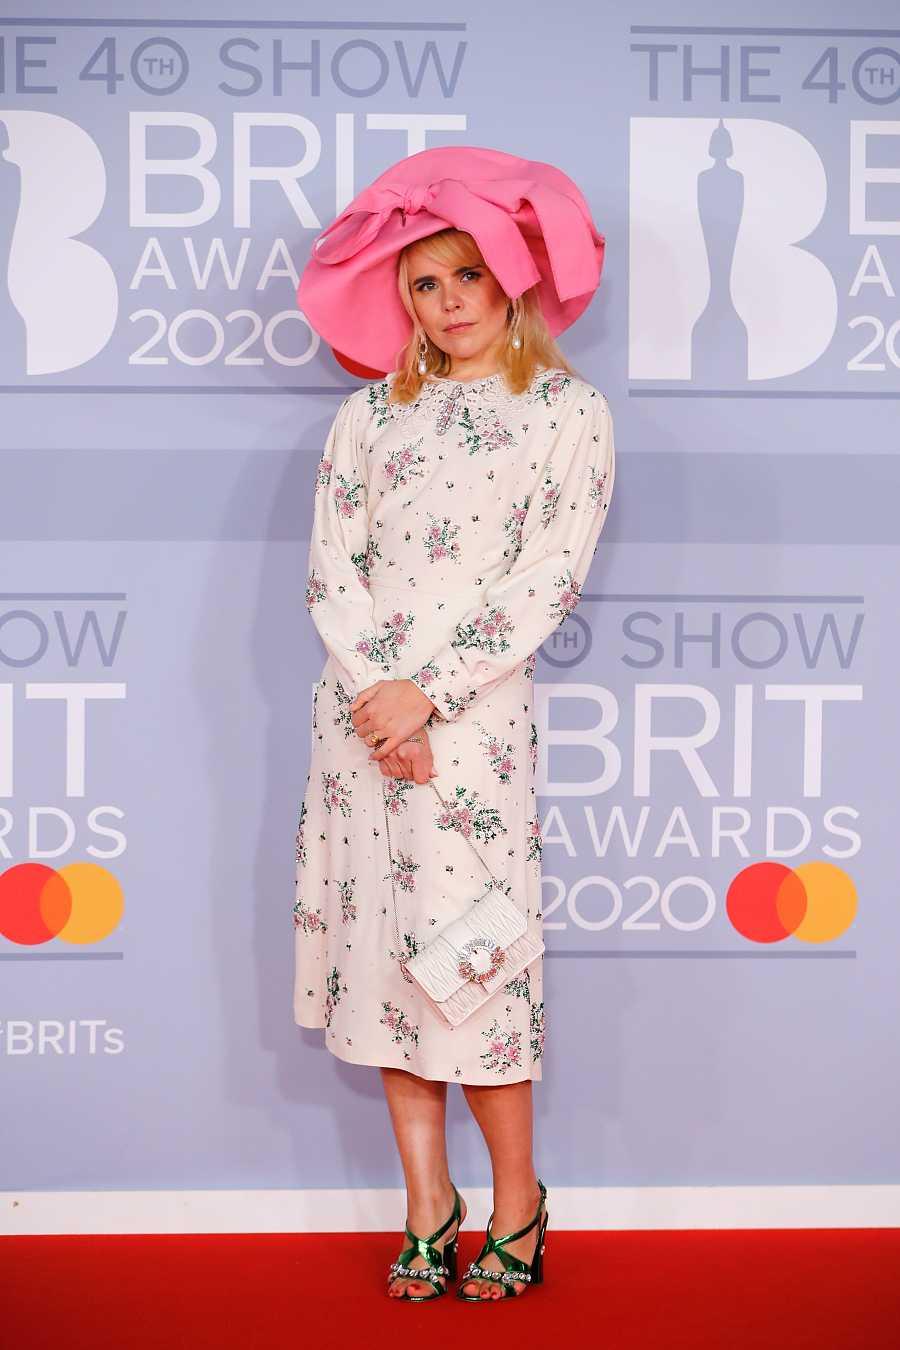 La cantautora brtitánica Paloma Faith en los Bristh Awards con un estilo ¿dolly? Es complicado de definir